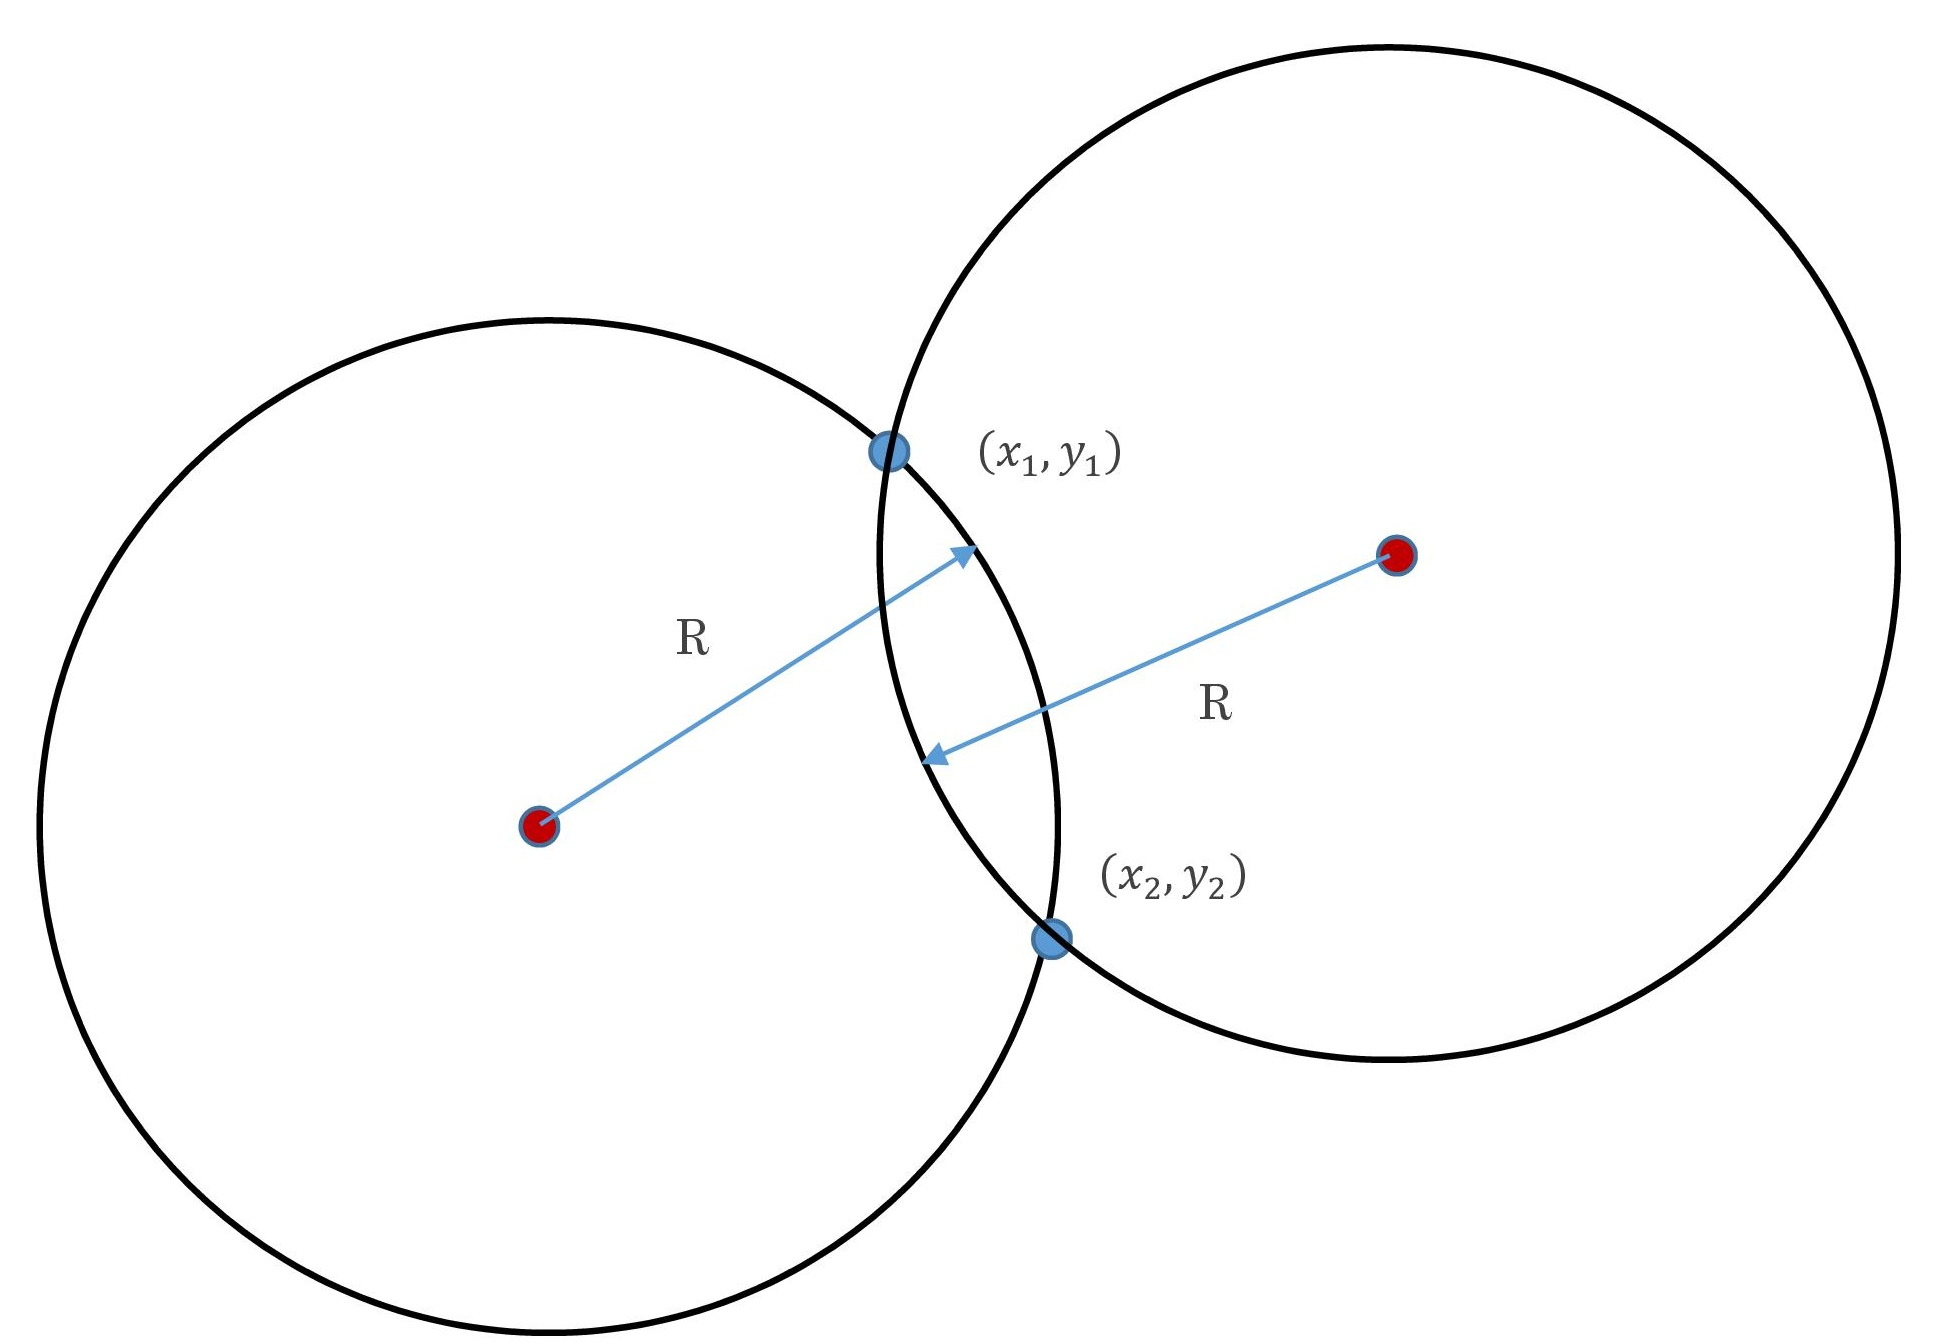 2点と半径から円-2つ